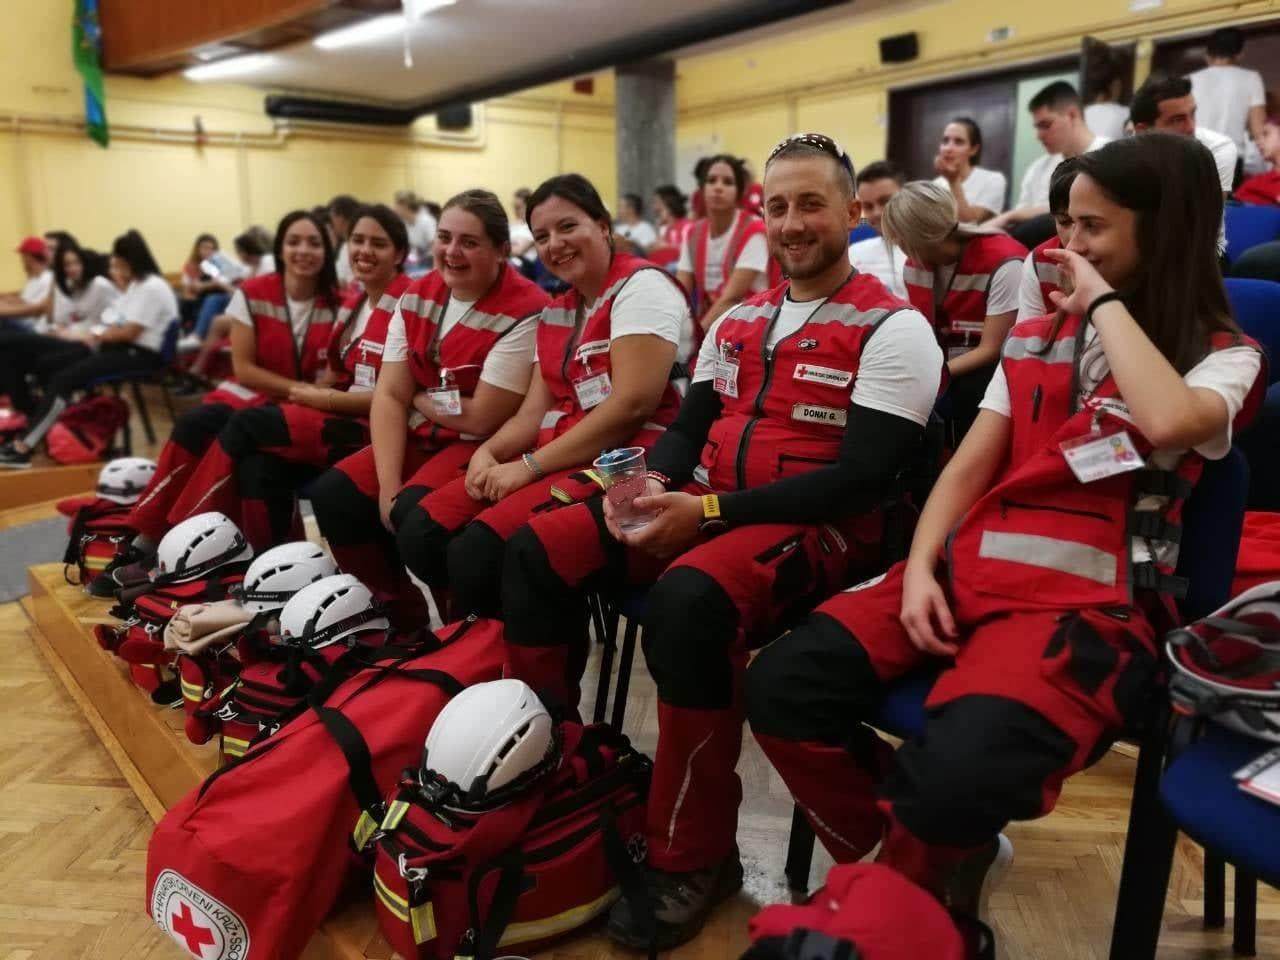 http://www.novigrad.hr/la_croce_rossa_del_buiese_ha_vinto_loro_alla_competizione_di_primo_soccorso